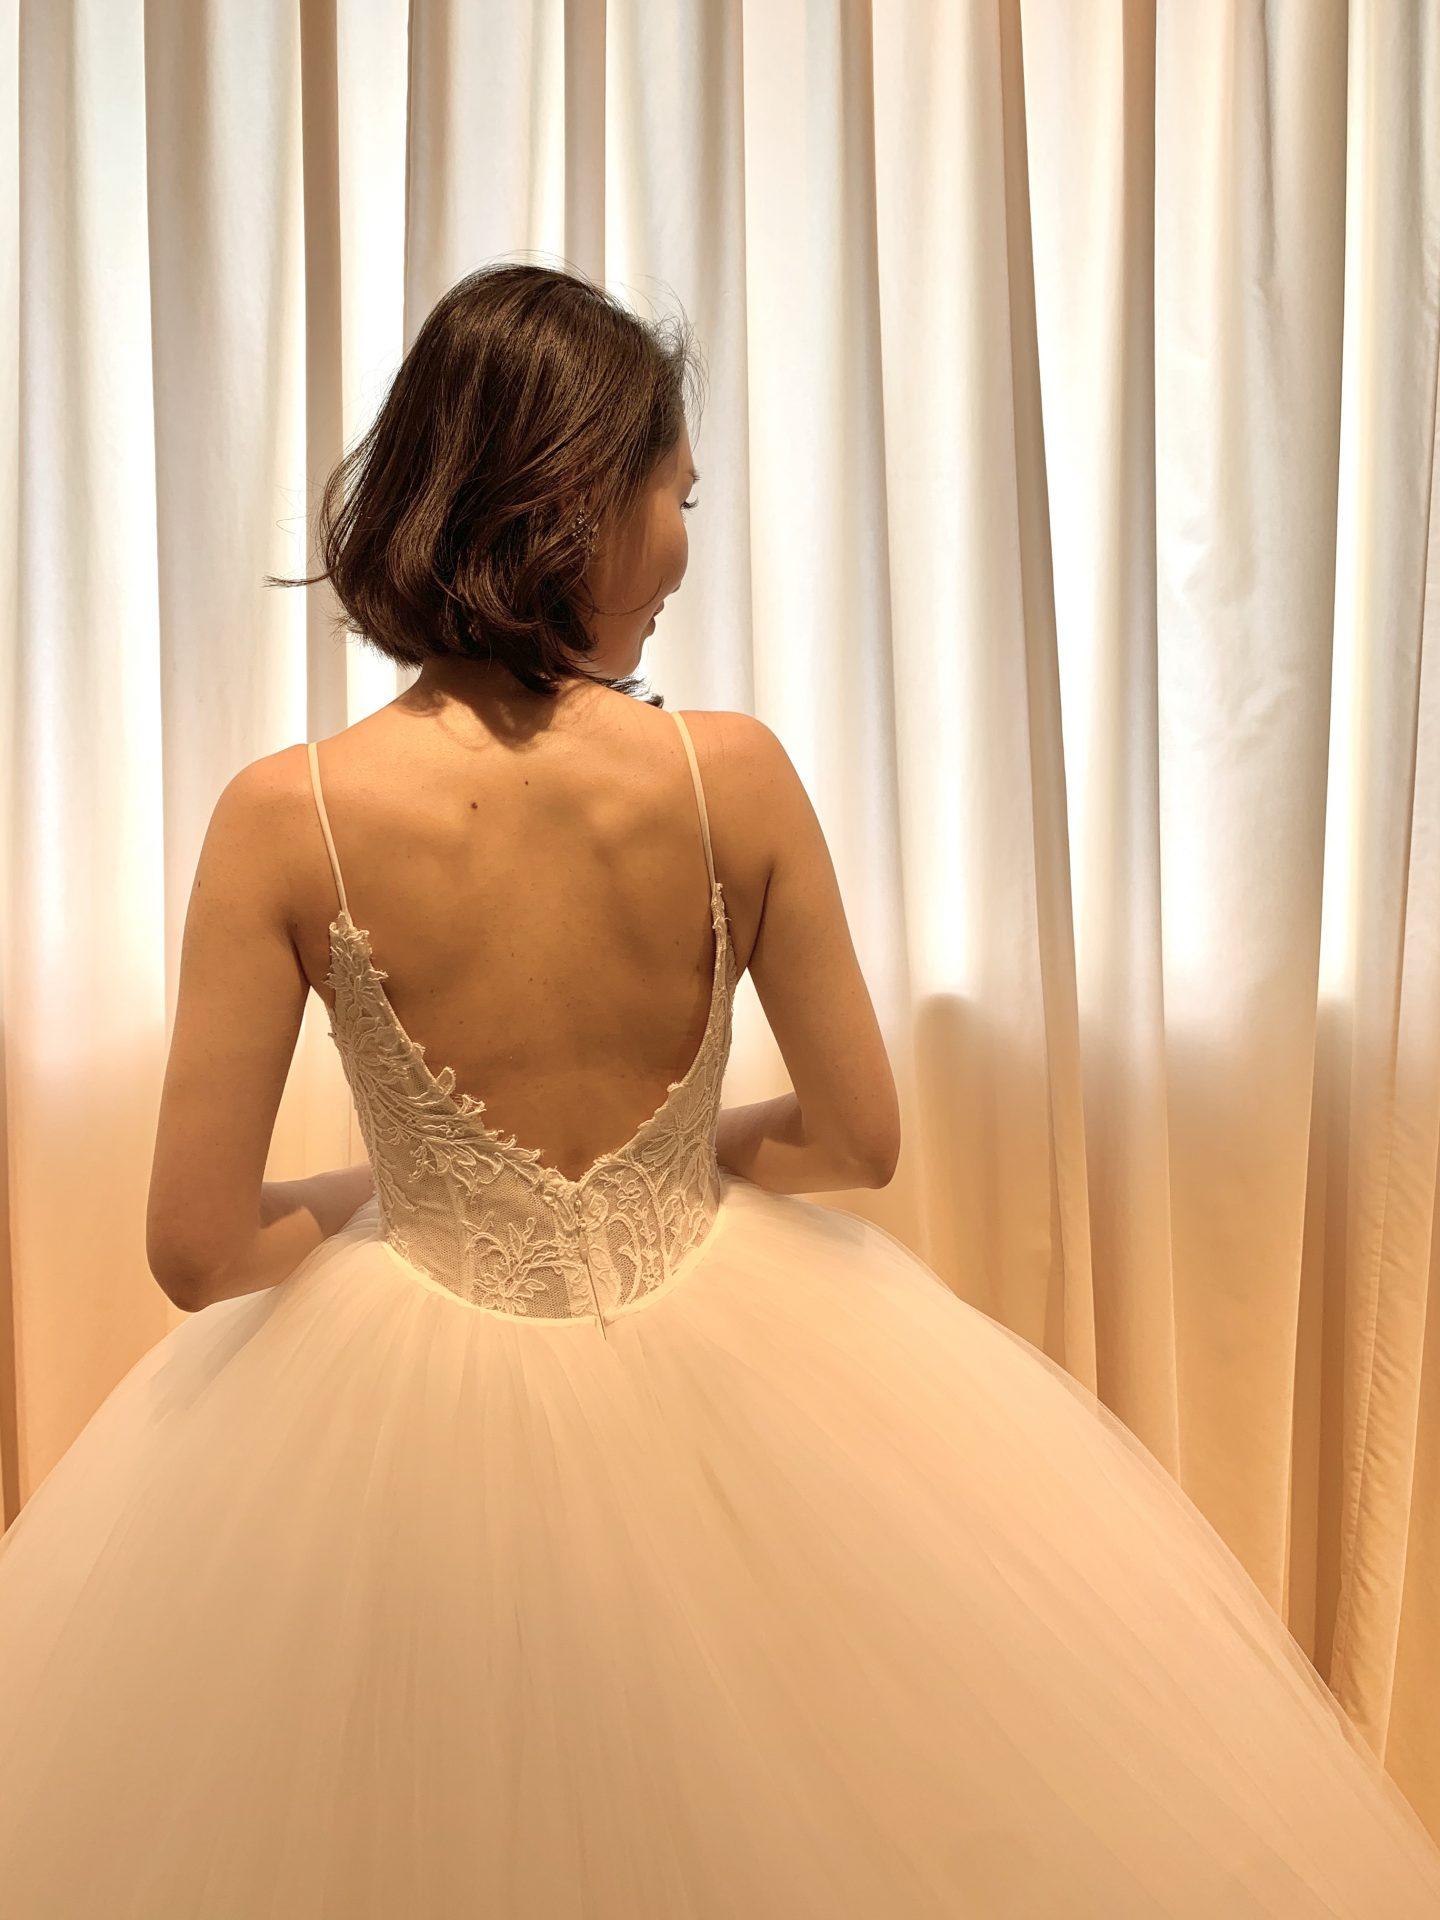 フォーチュンガーデン京都で結婚式を挙げられる花嫁様にご紹介したい繊細なレースデザインの美しいウェディングドレス